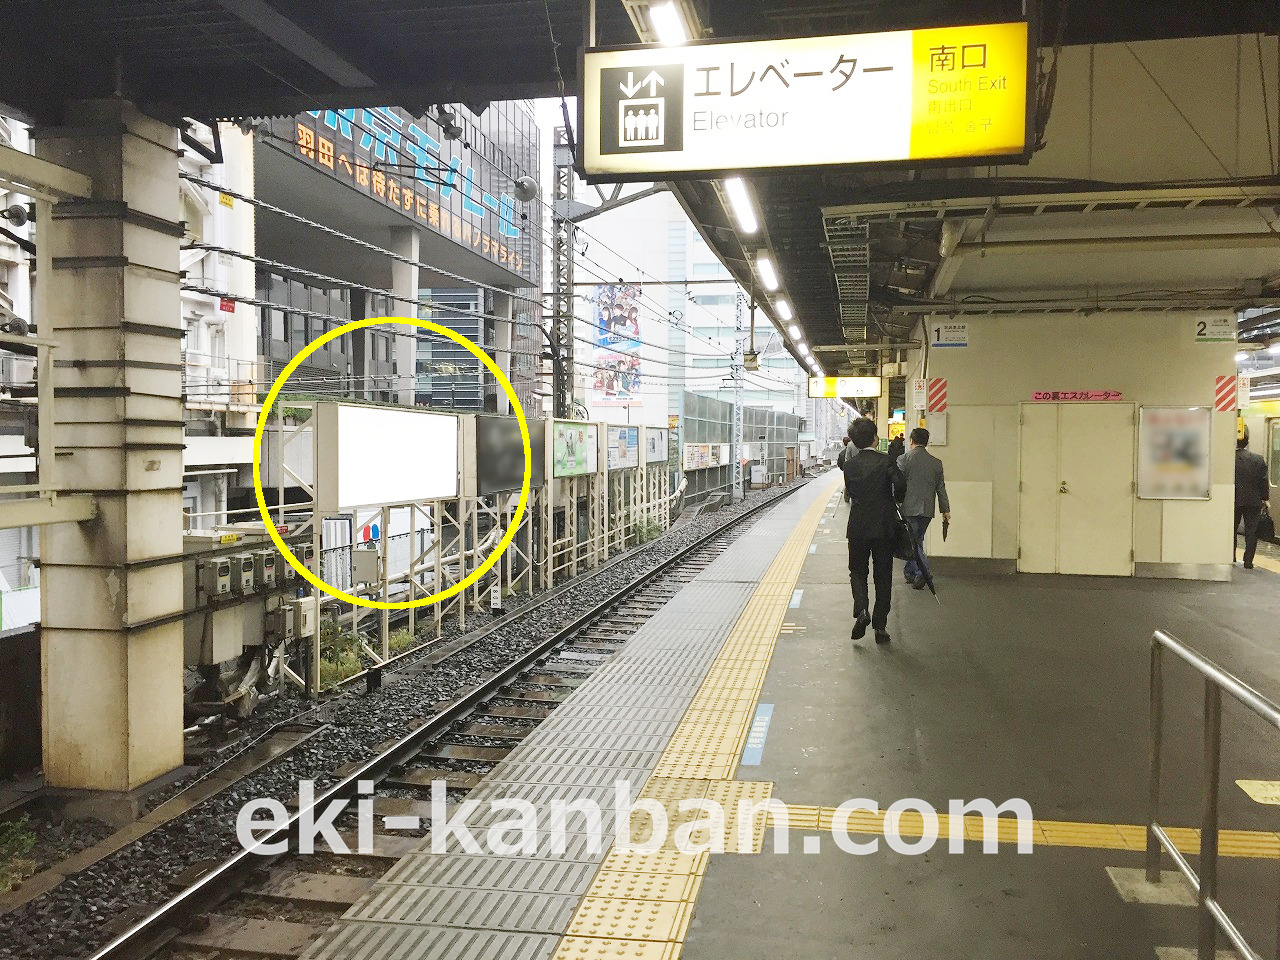 JR 浜松町駅 北行線側№22